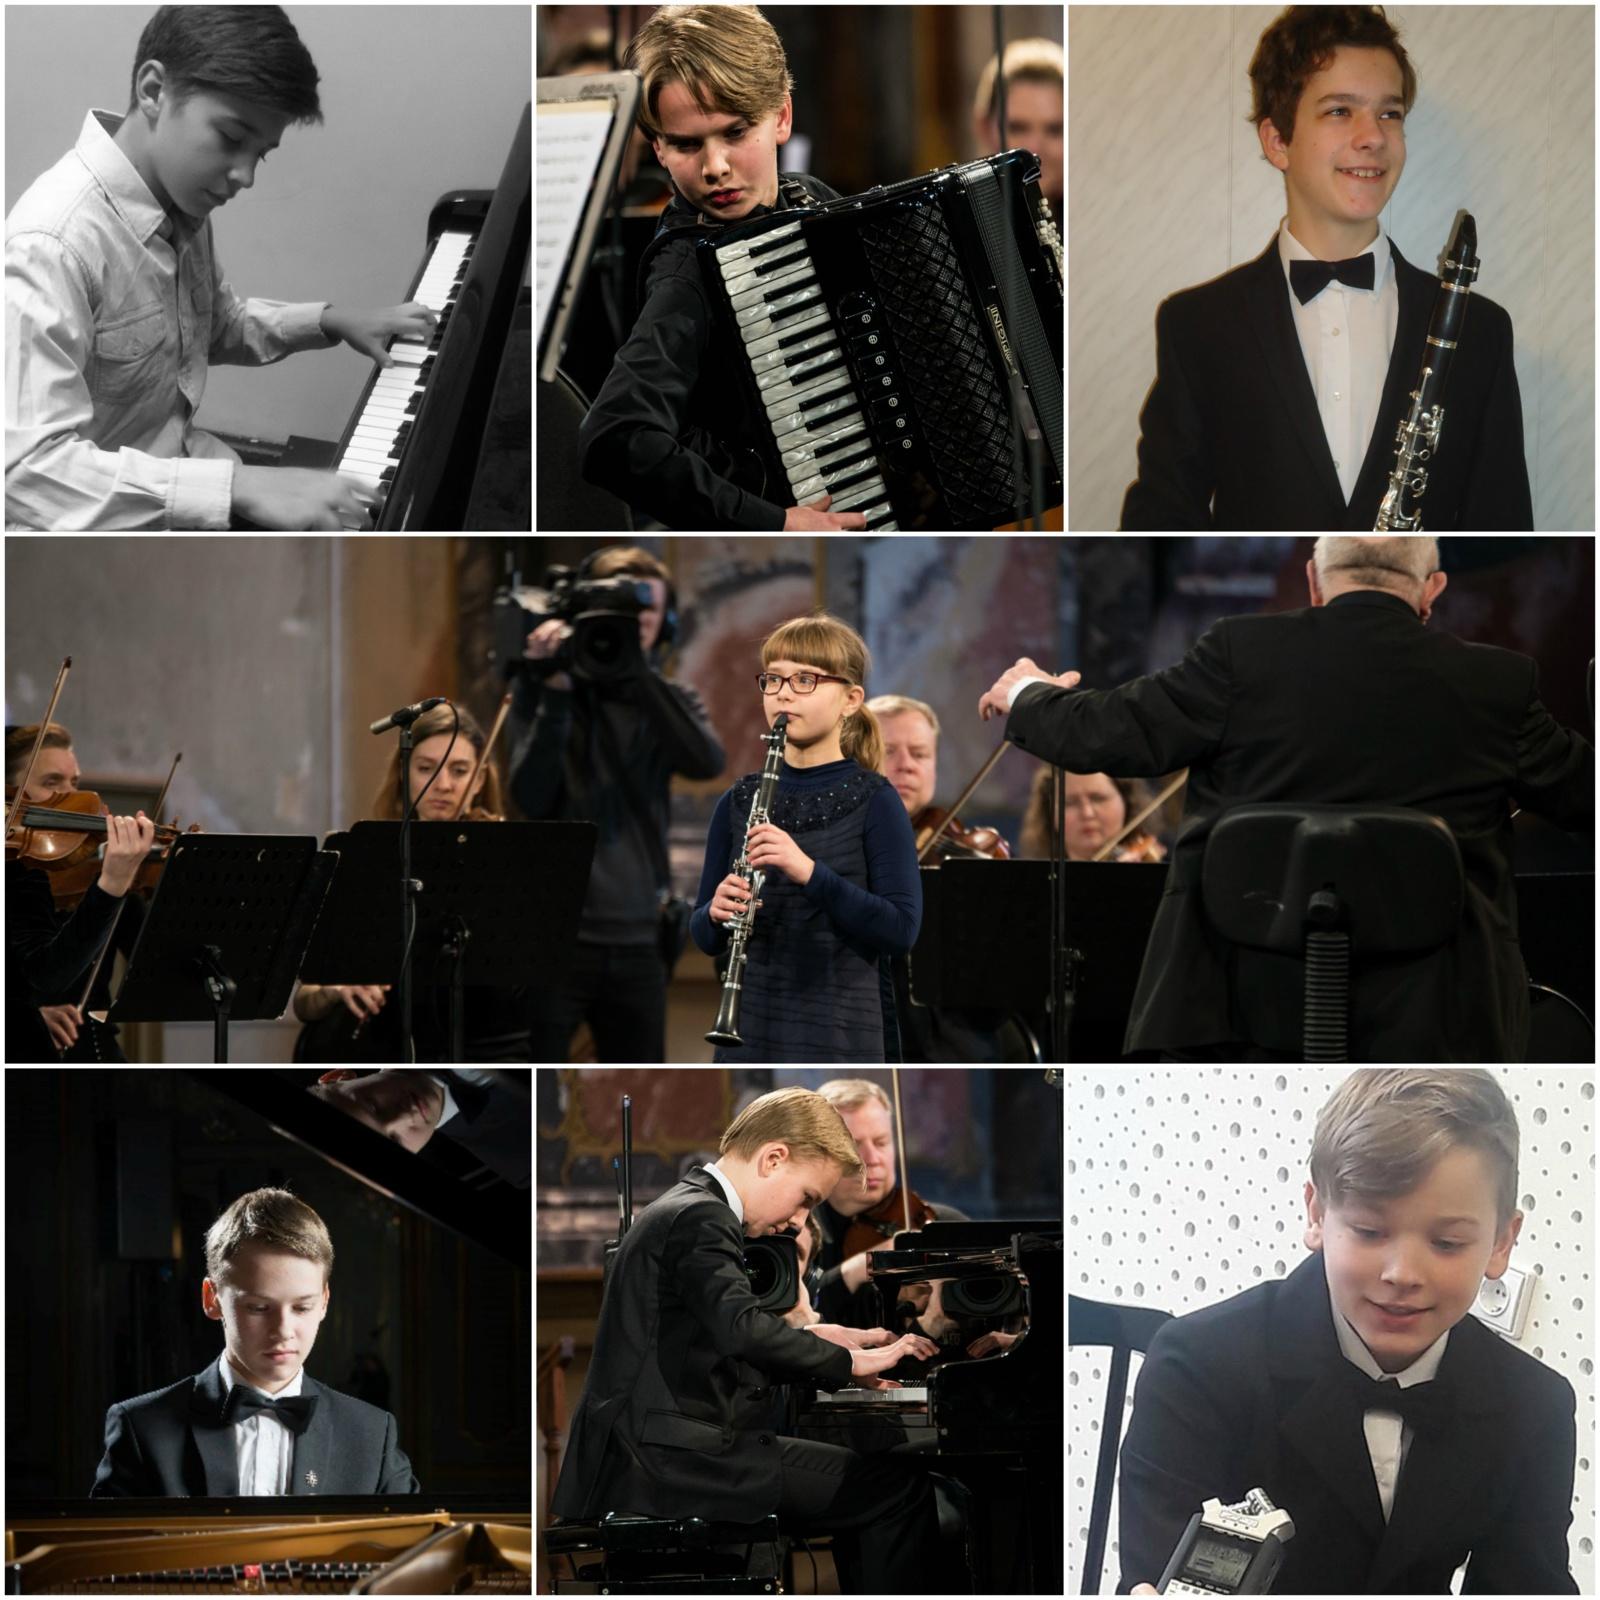 Kultūros naktyje – jaunieji šalies muzikos talentai